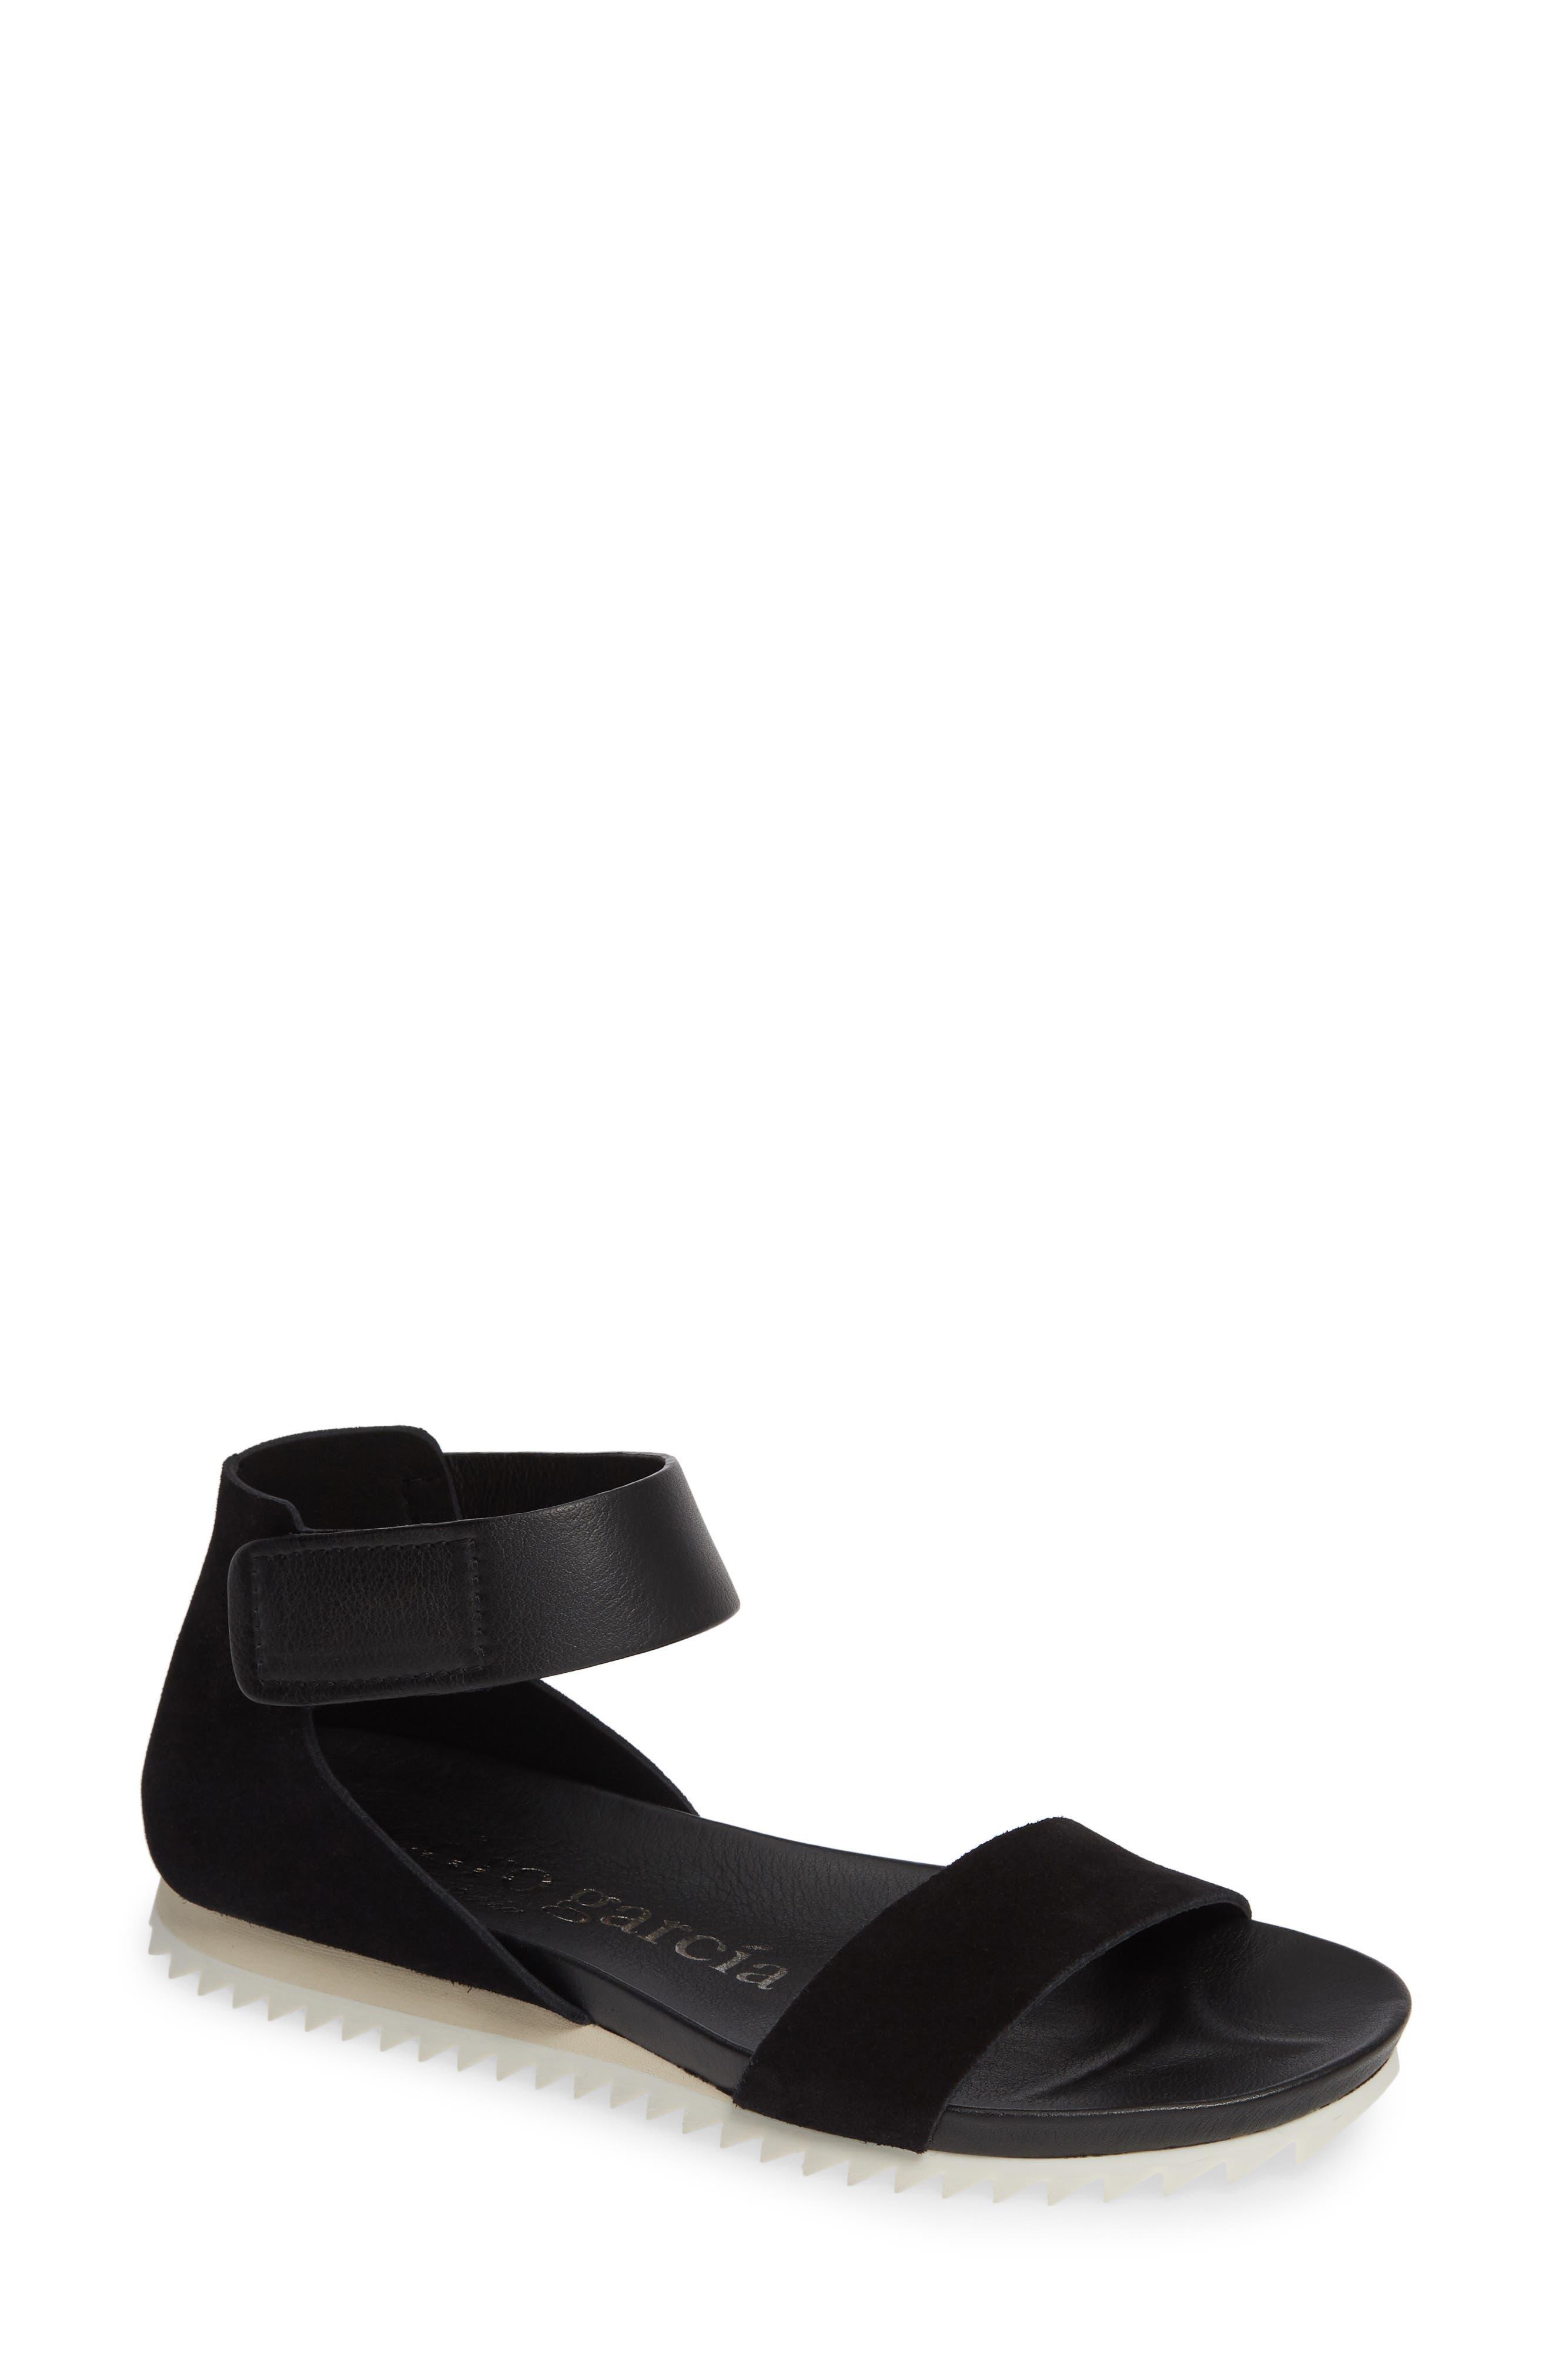 Jenile Ankle Cuff Sandal,                             Main thumbnail 1, color,                             BLACK CASTORO